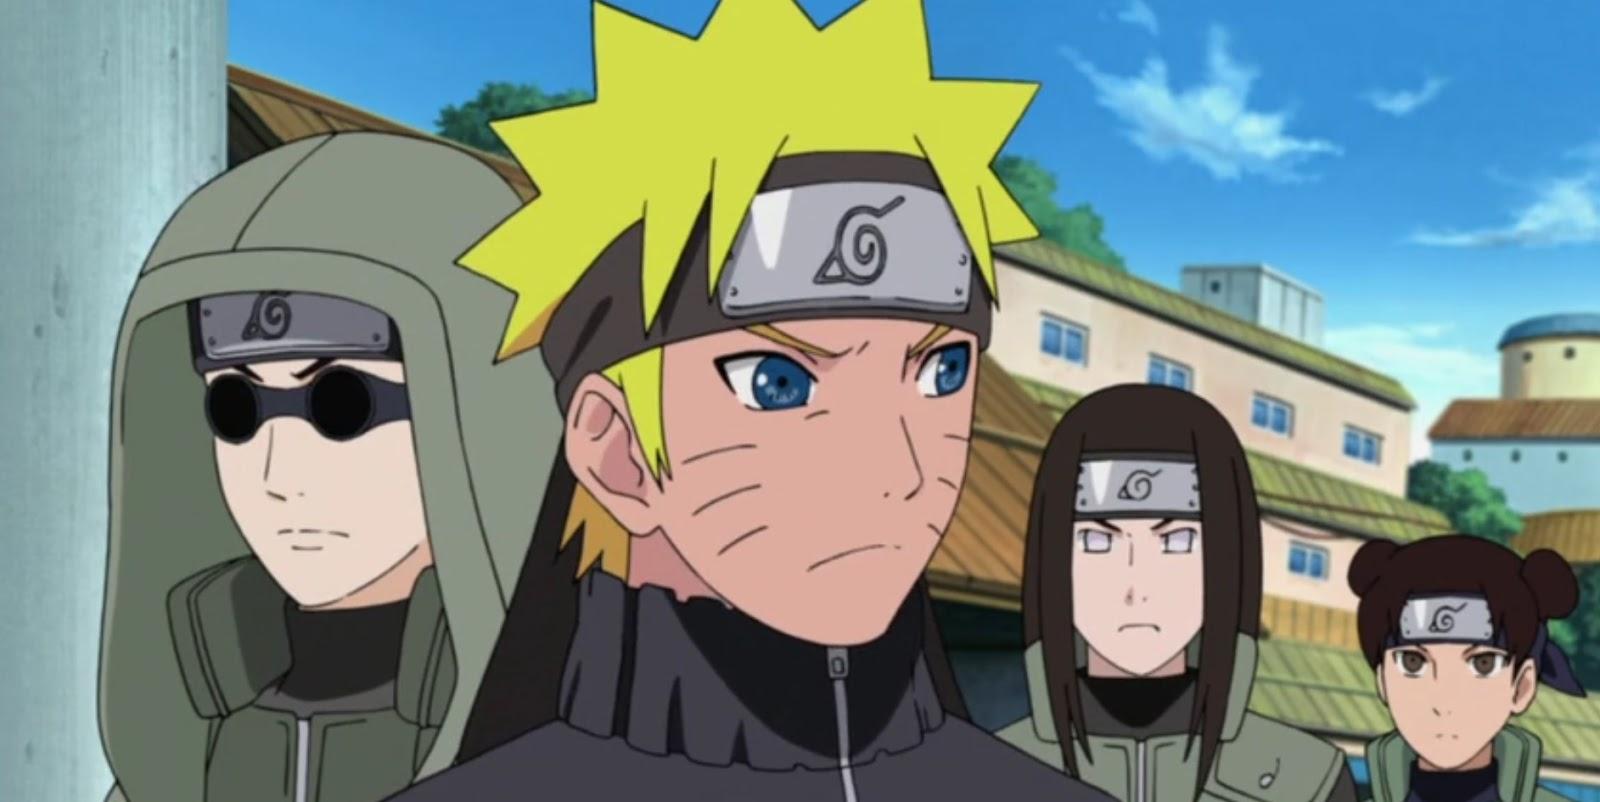 Naruto Shippuden Episódio 449, Assistir Naruto Shippuden Episódio 449, Assistir Naruto Shippuden Todos os Episódios Legendado, Naruto Shippuden episódio 449,HD